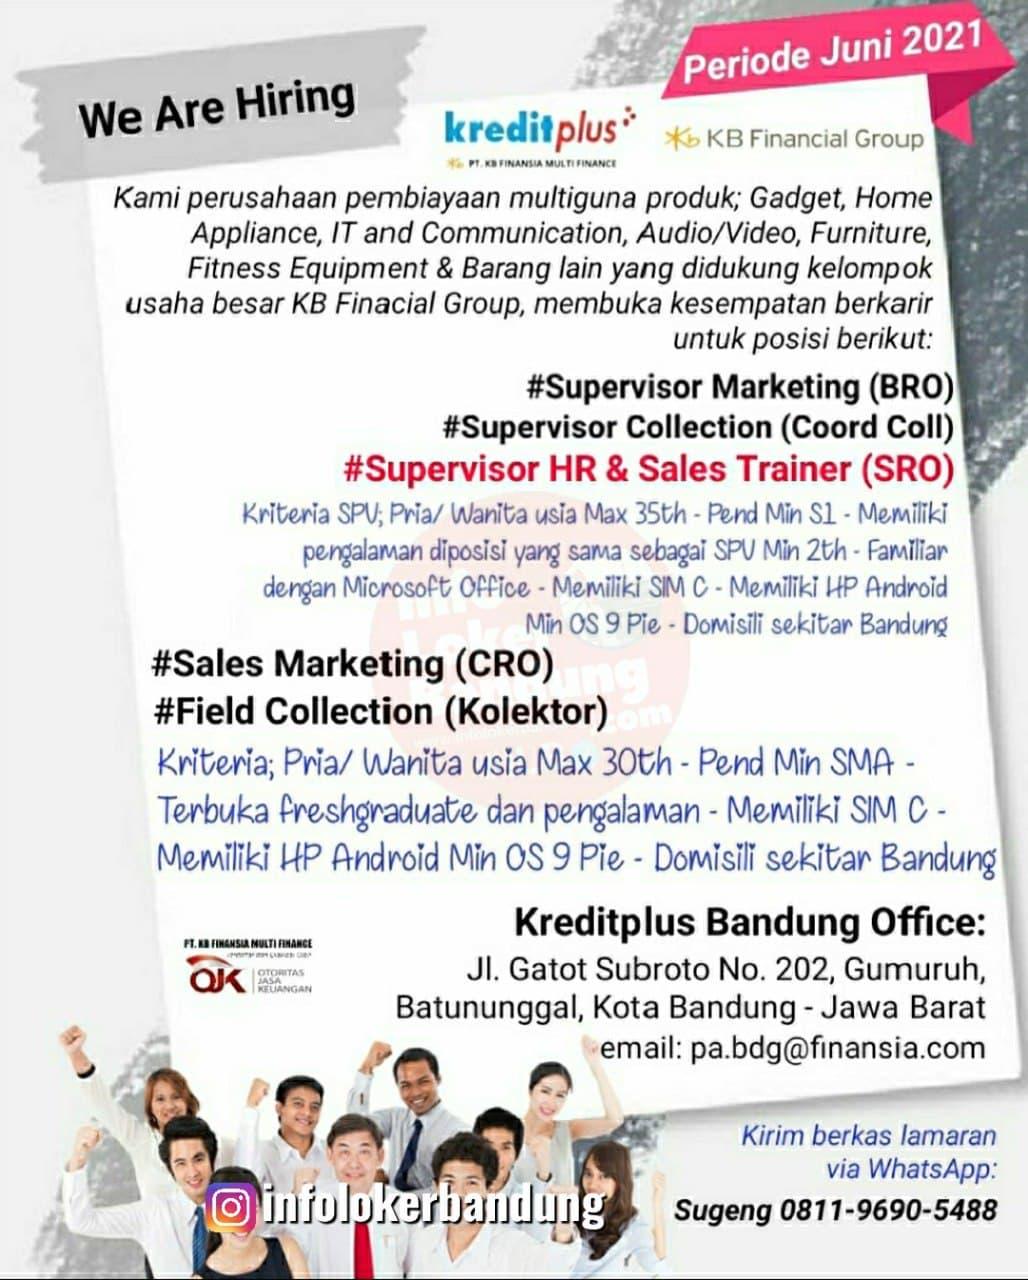 Lowongan Kerja Kredit Plus Bandung Juni 2021